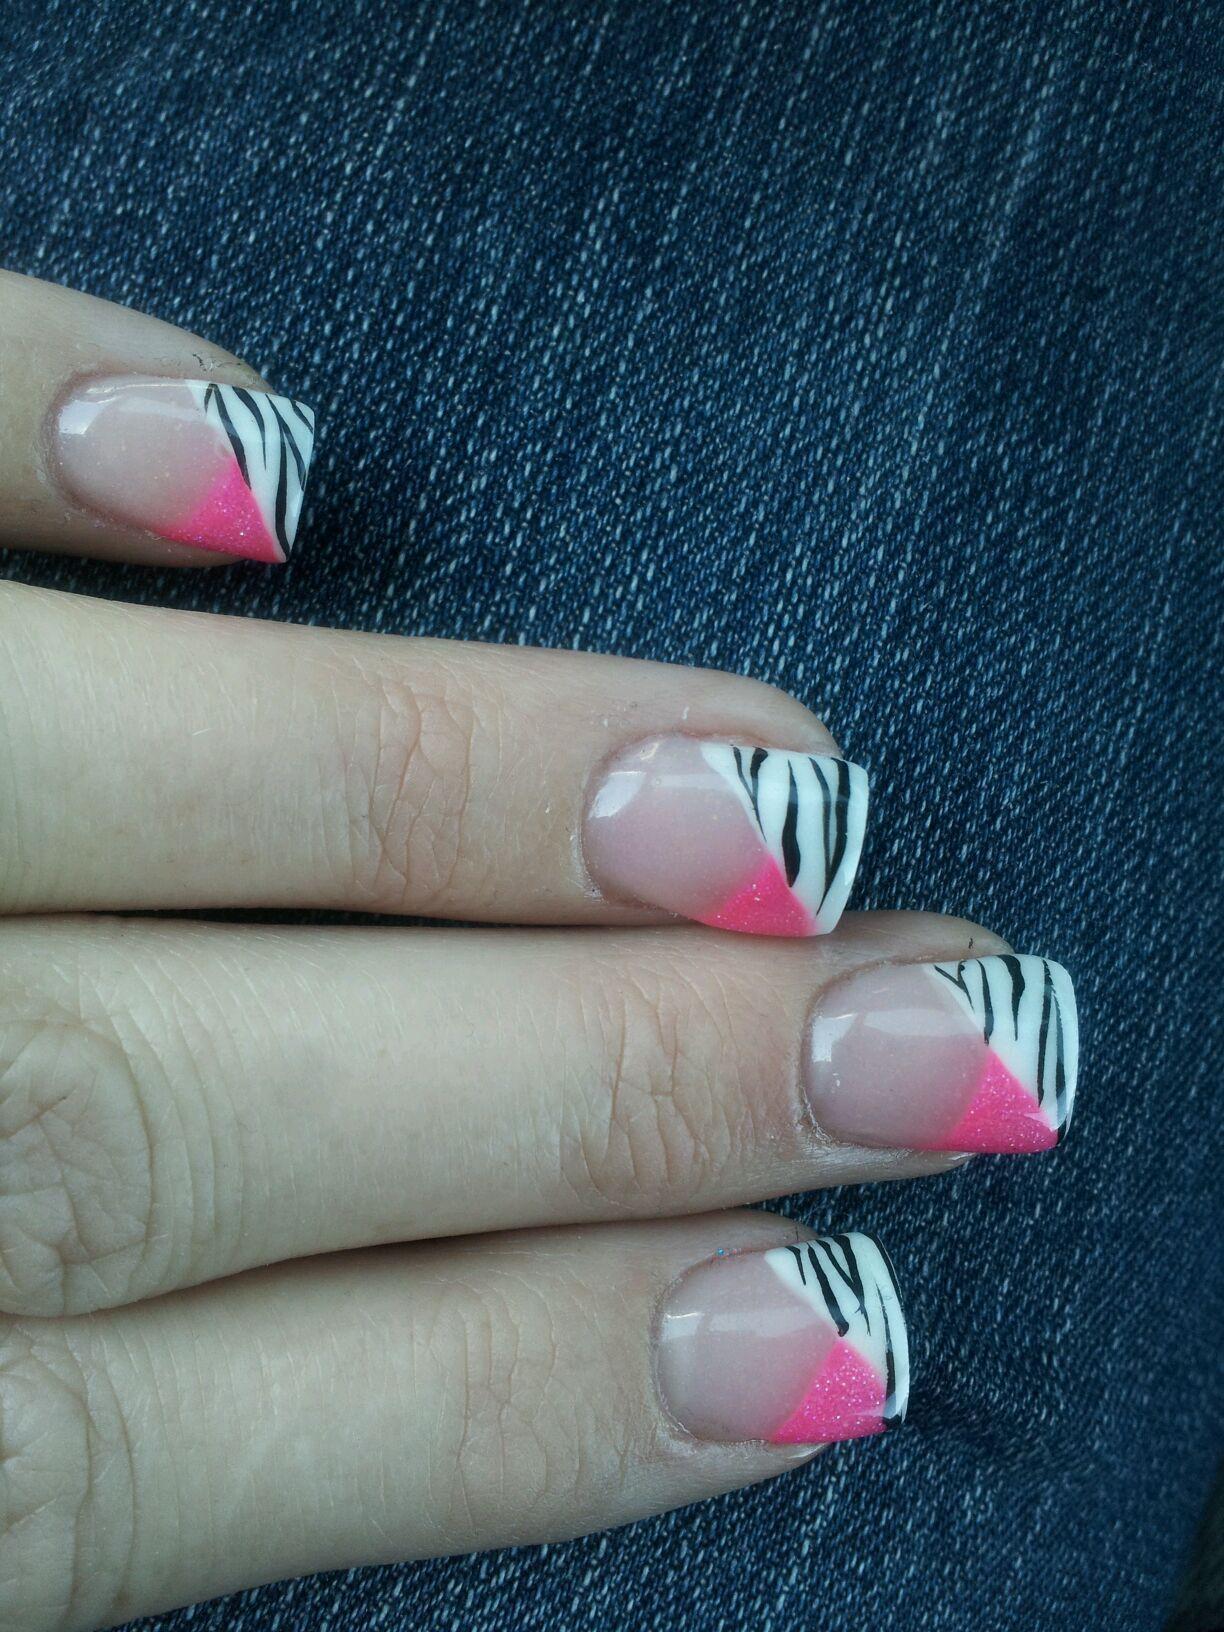 Pink zebra nails nails pinterest - Pink Zebra Nails